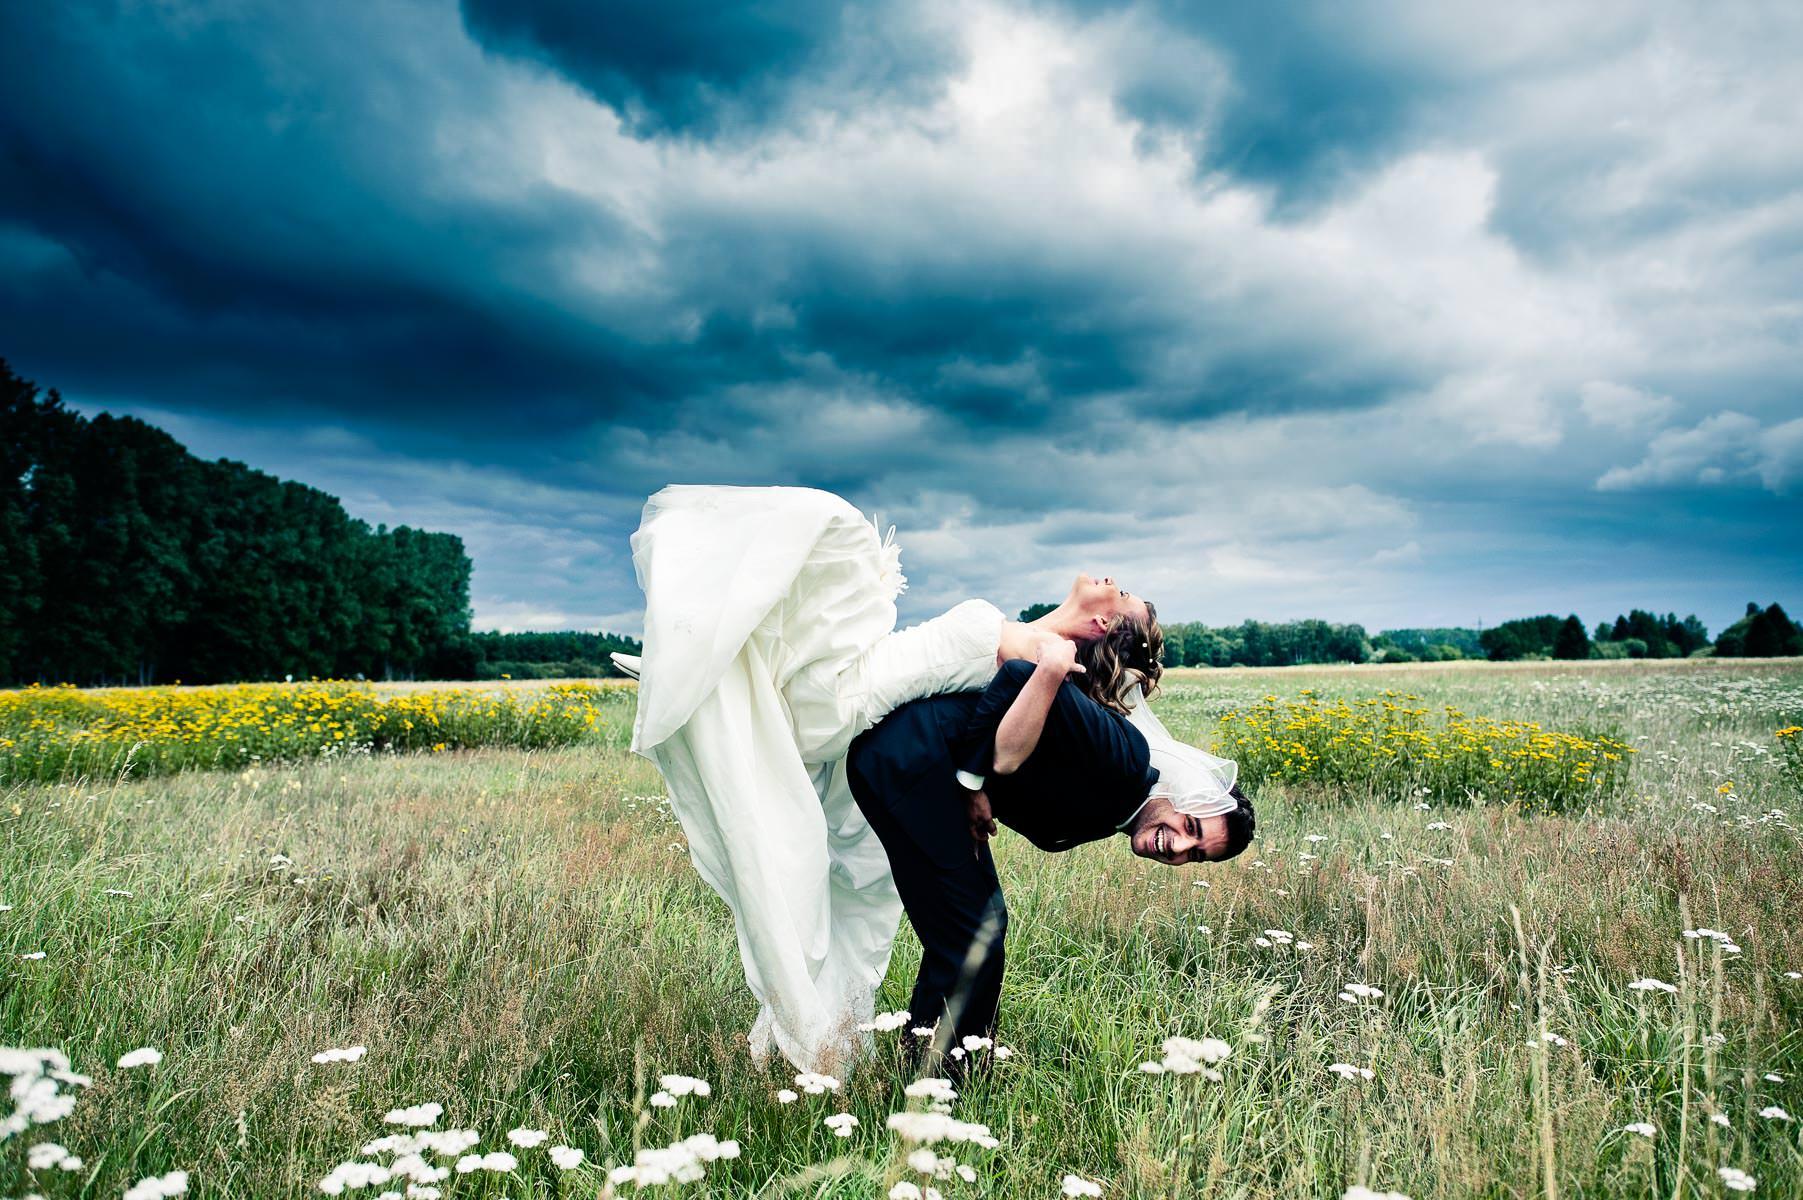 ein künstlerisches hochzeitsild von der braut, sie liegt auf dem rücken vom bräutigams